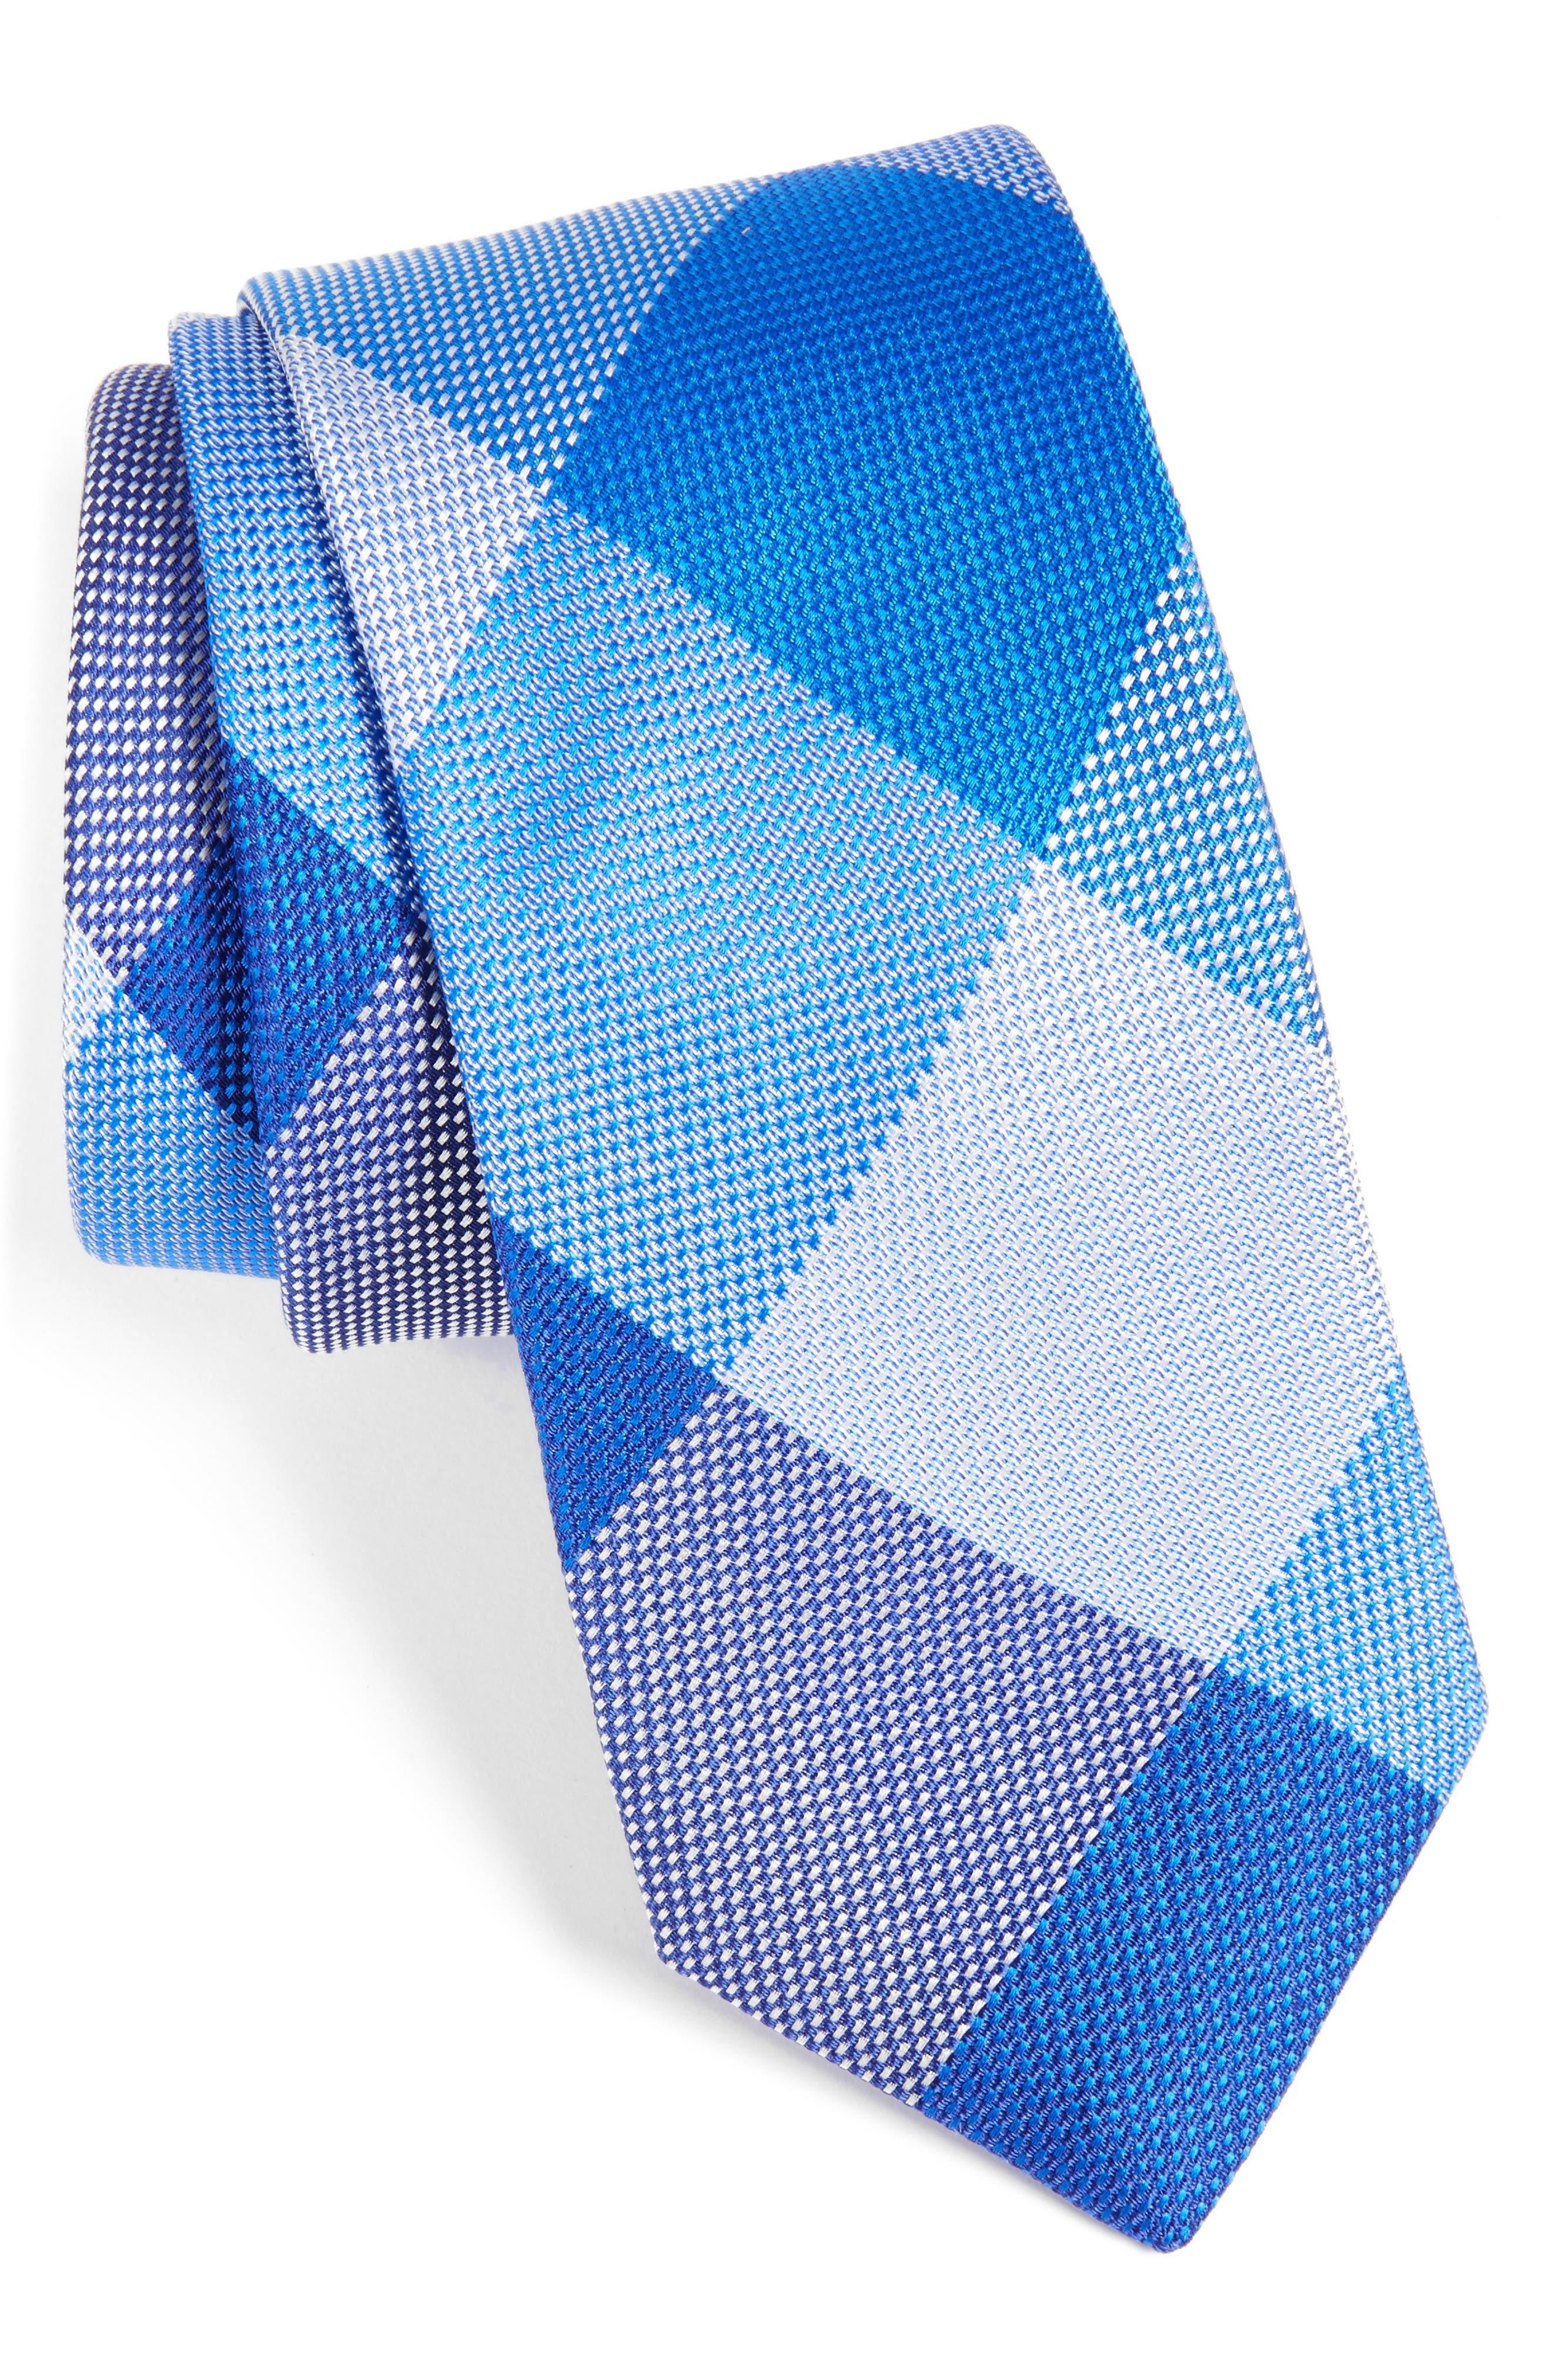 Plaid Silk Tie,                         Main,                         color, Blue